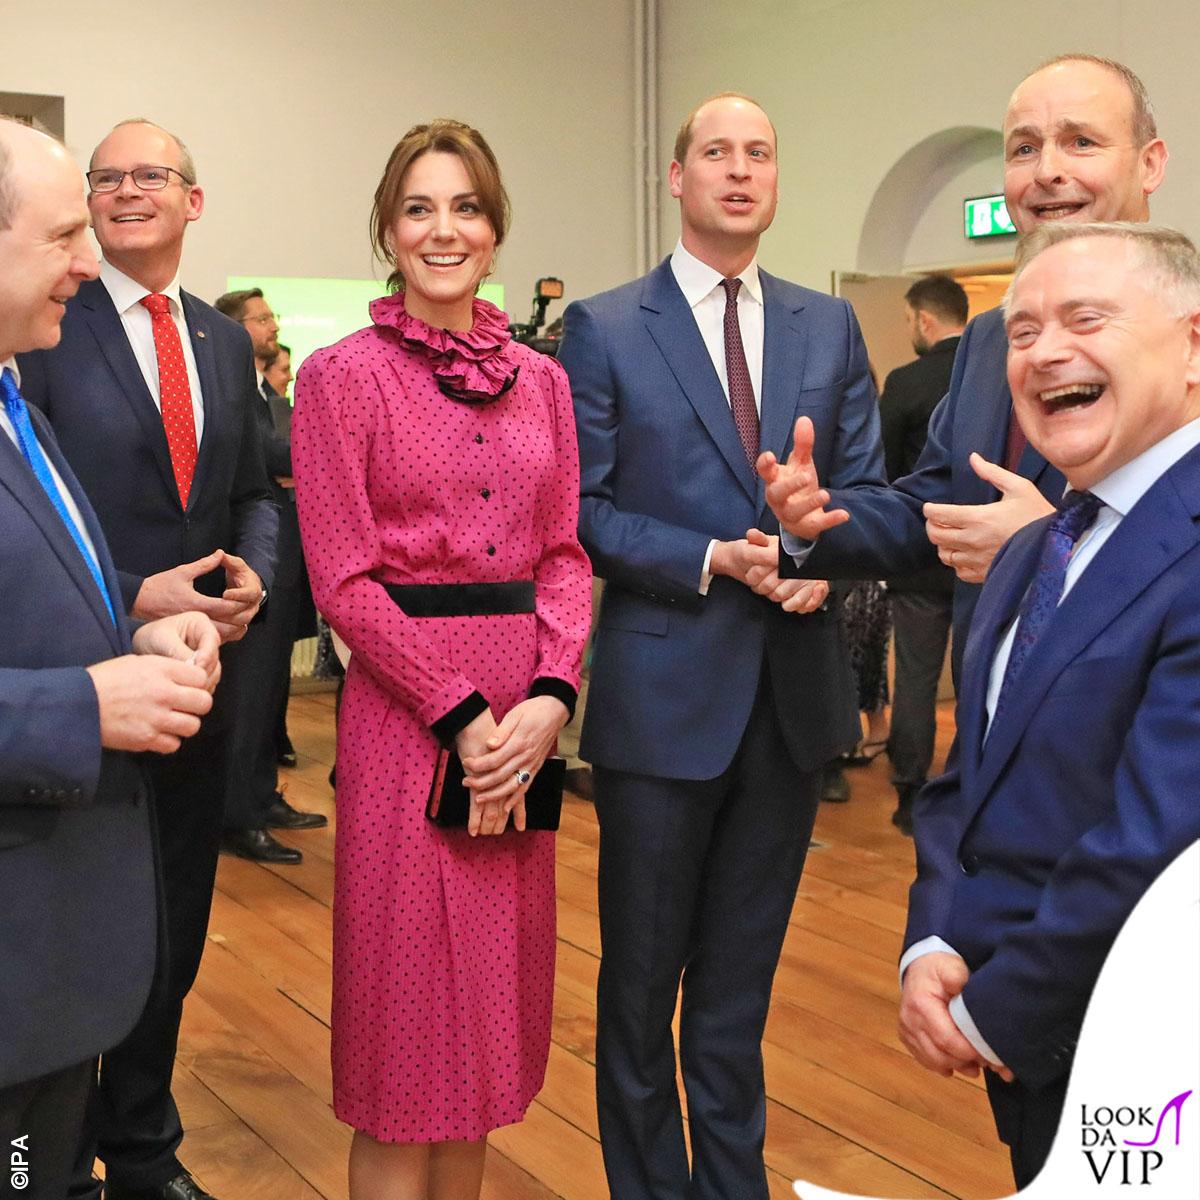 Принц Уильям и Кейт Миддлтон побывали на приеме в Литературном музее Дублина